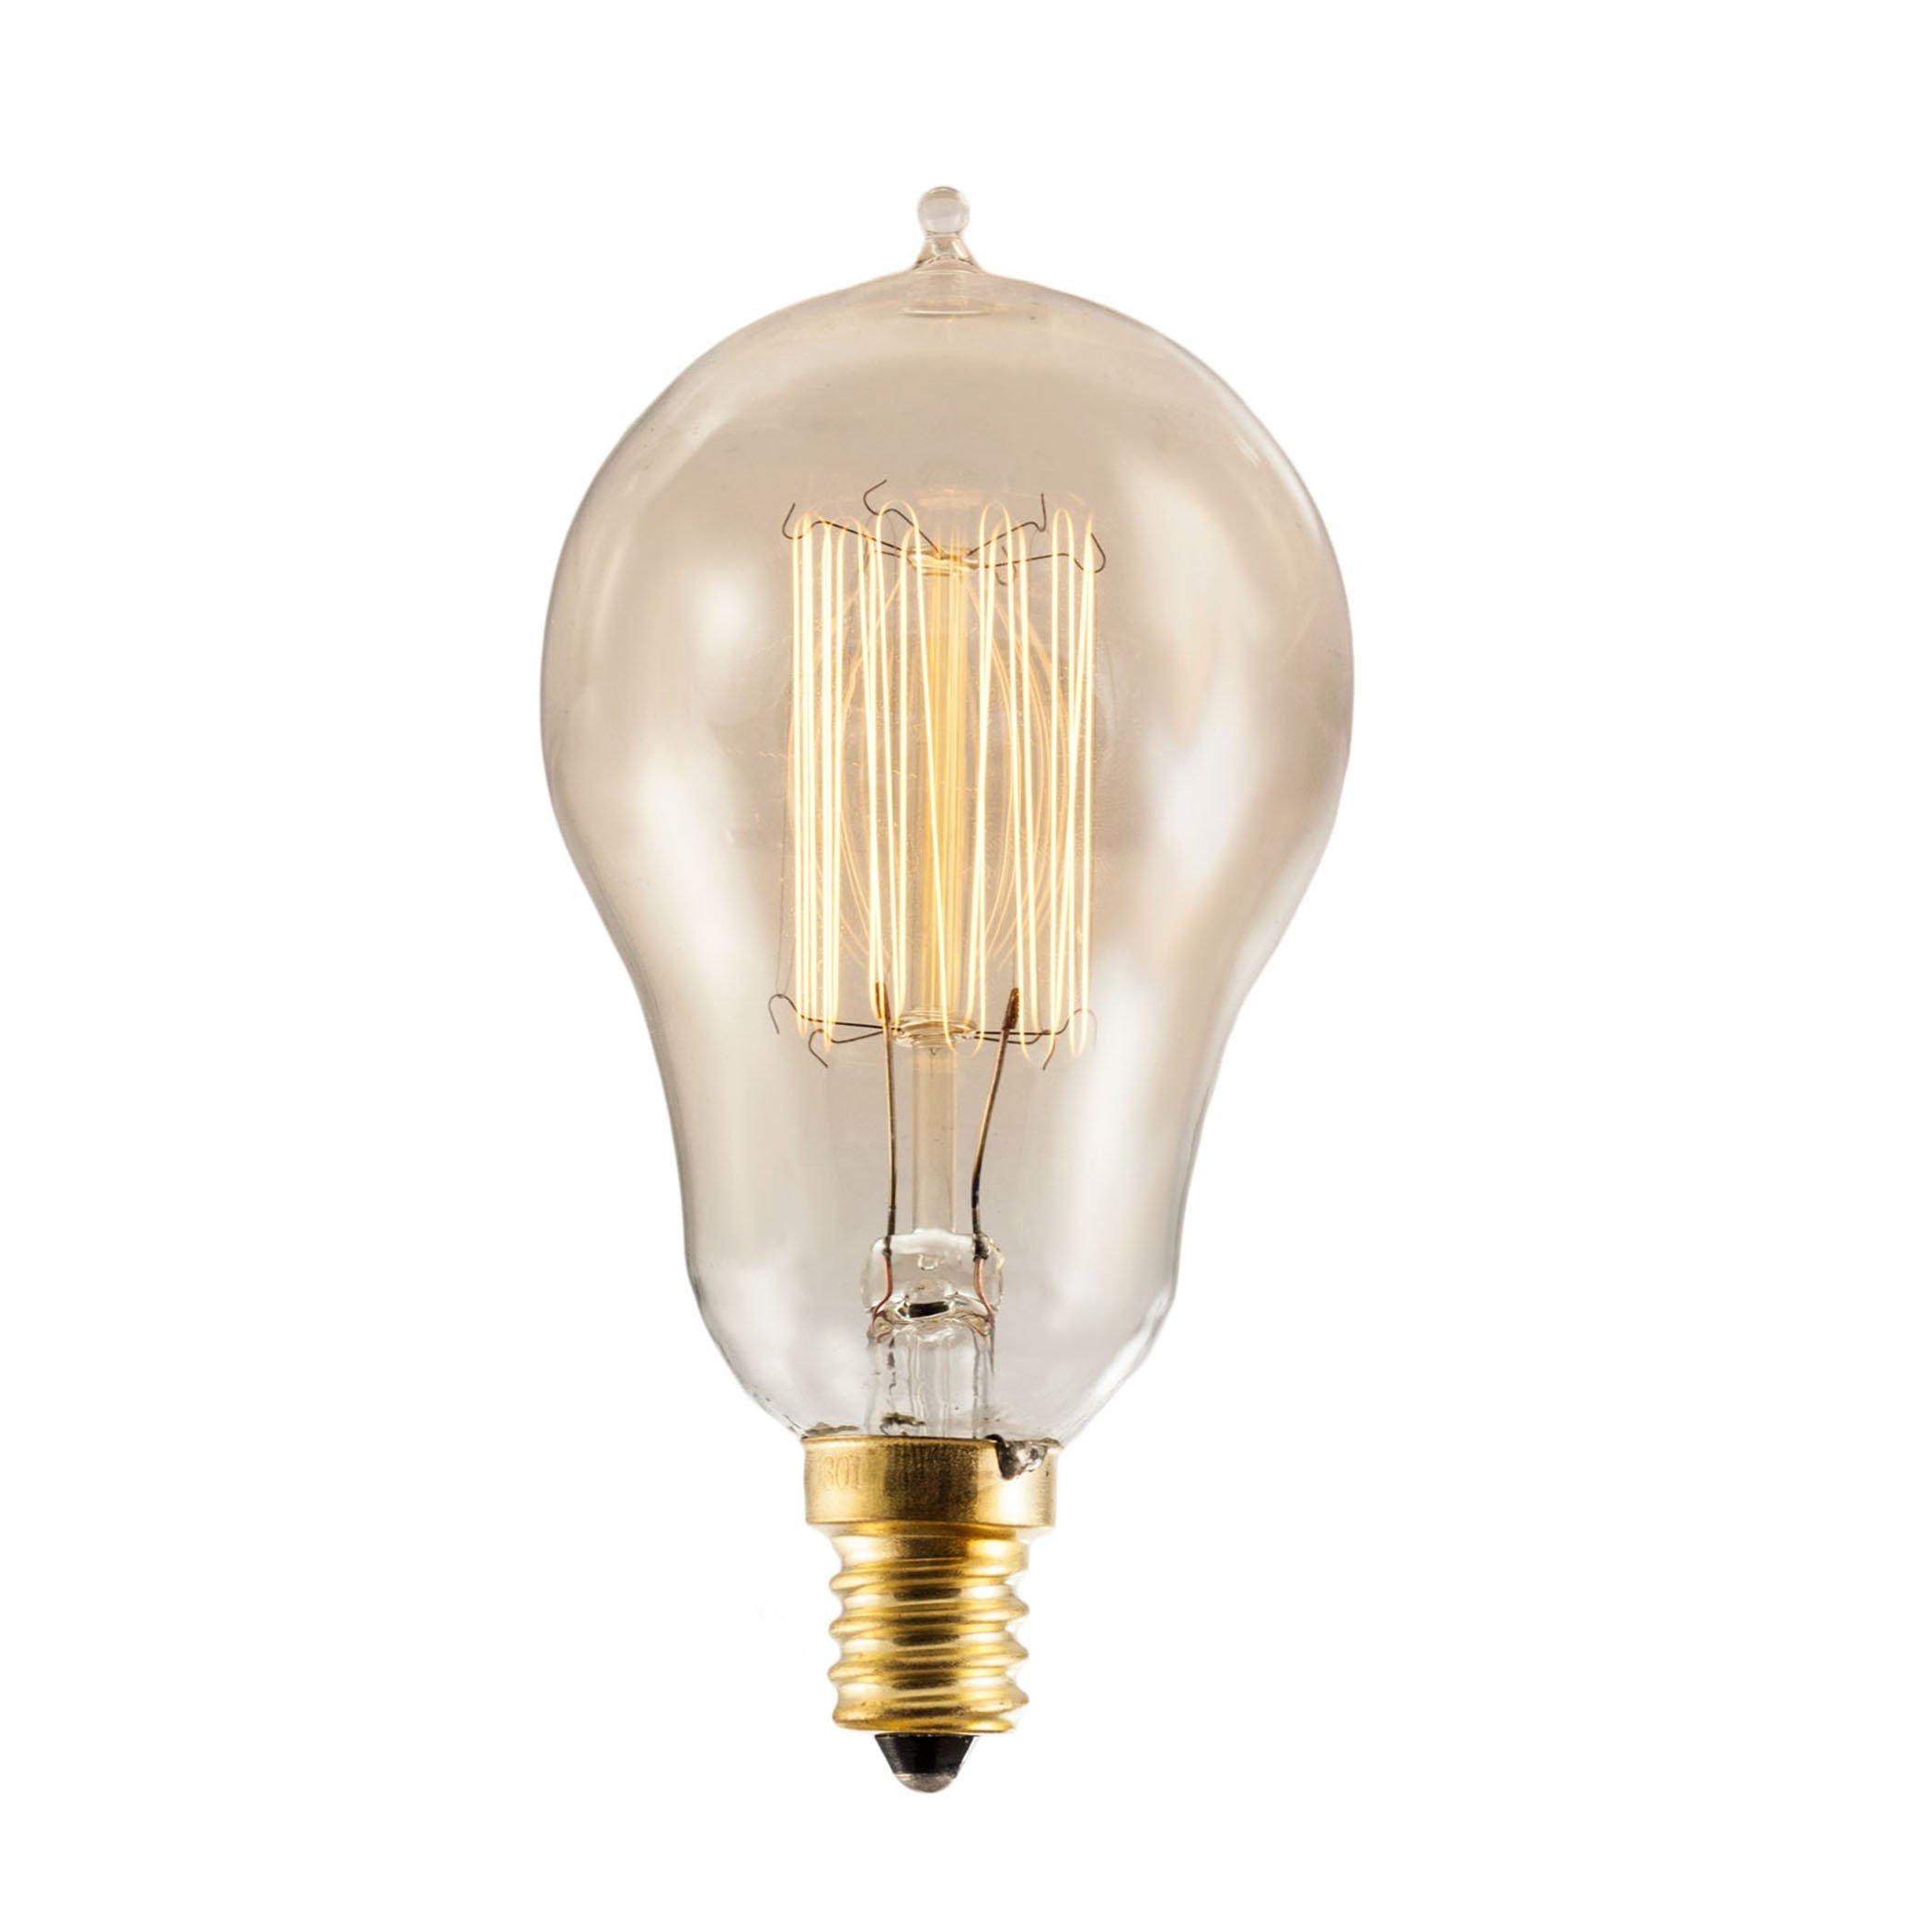 Bulbrite NOS25A15/SQ/E12 25-Watt Nostalgic Incandescent Edison A15, Vintage Thread Filament, Candelabra Base, Antique, 10 Bulbs